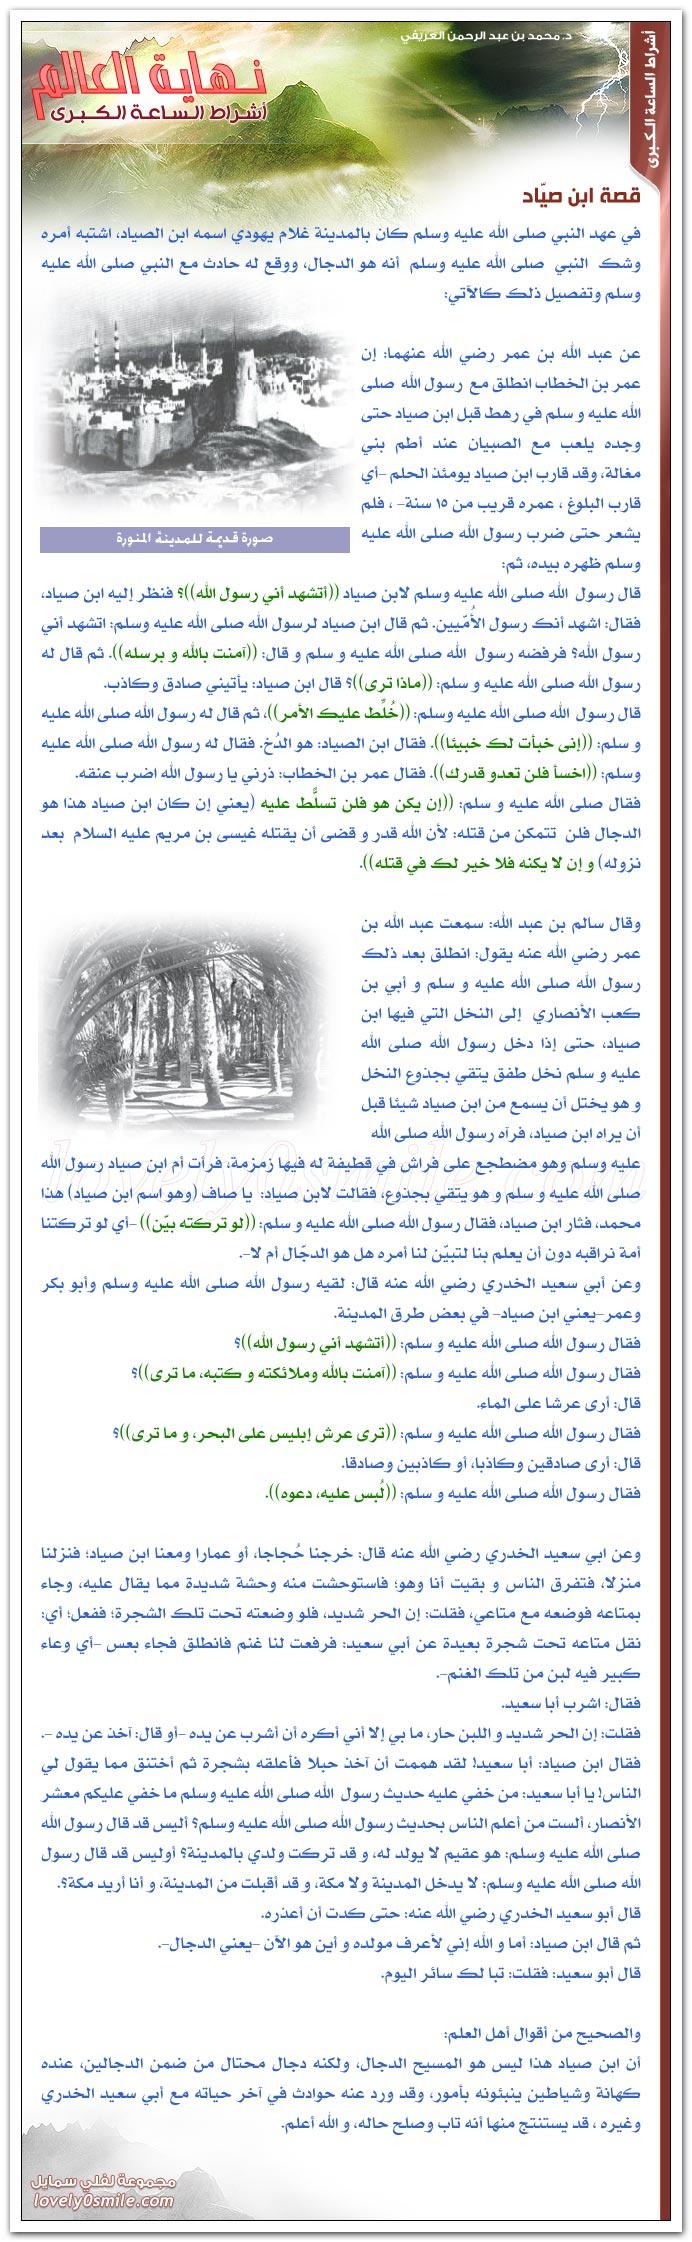 أشراط الساعة الكبرى: من هو الدجال؟ + قصة ابن صياد